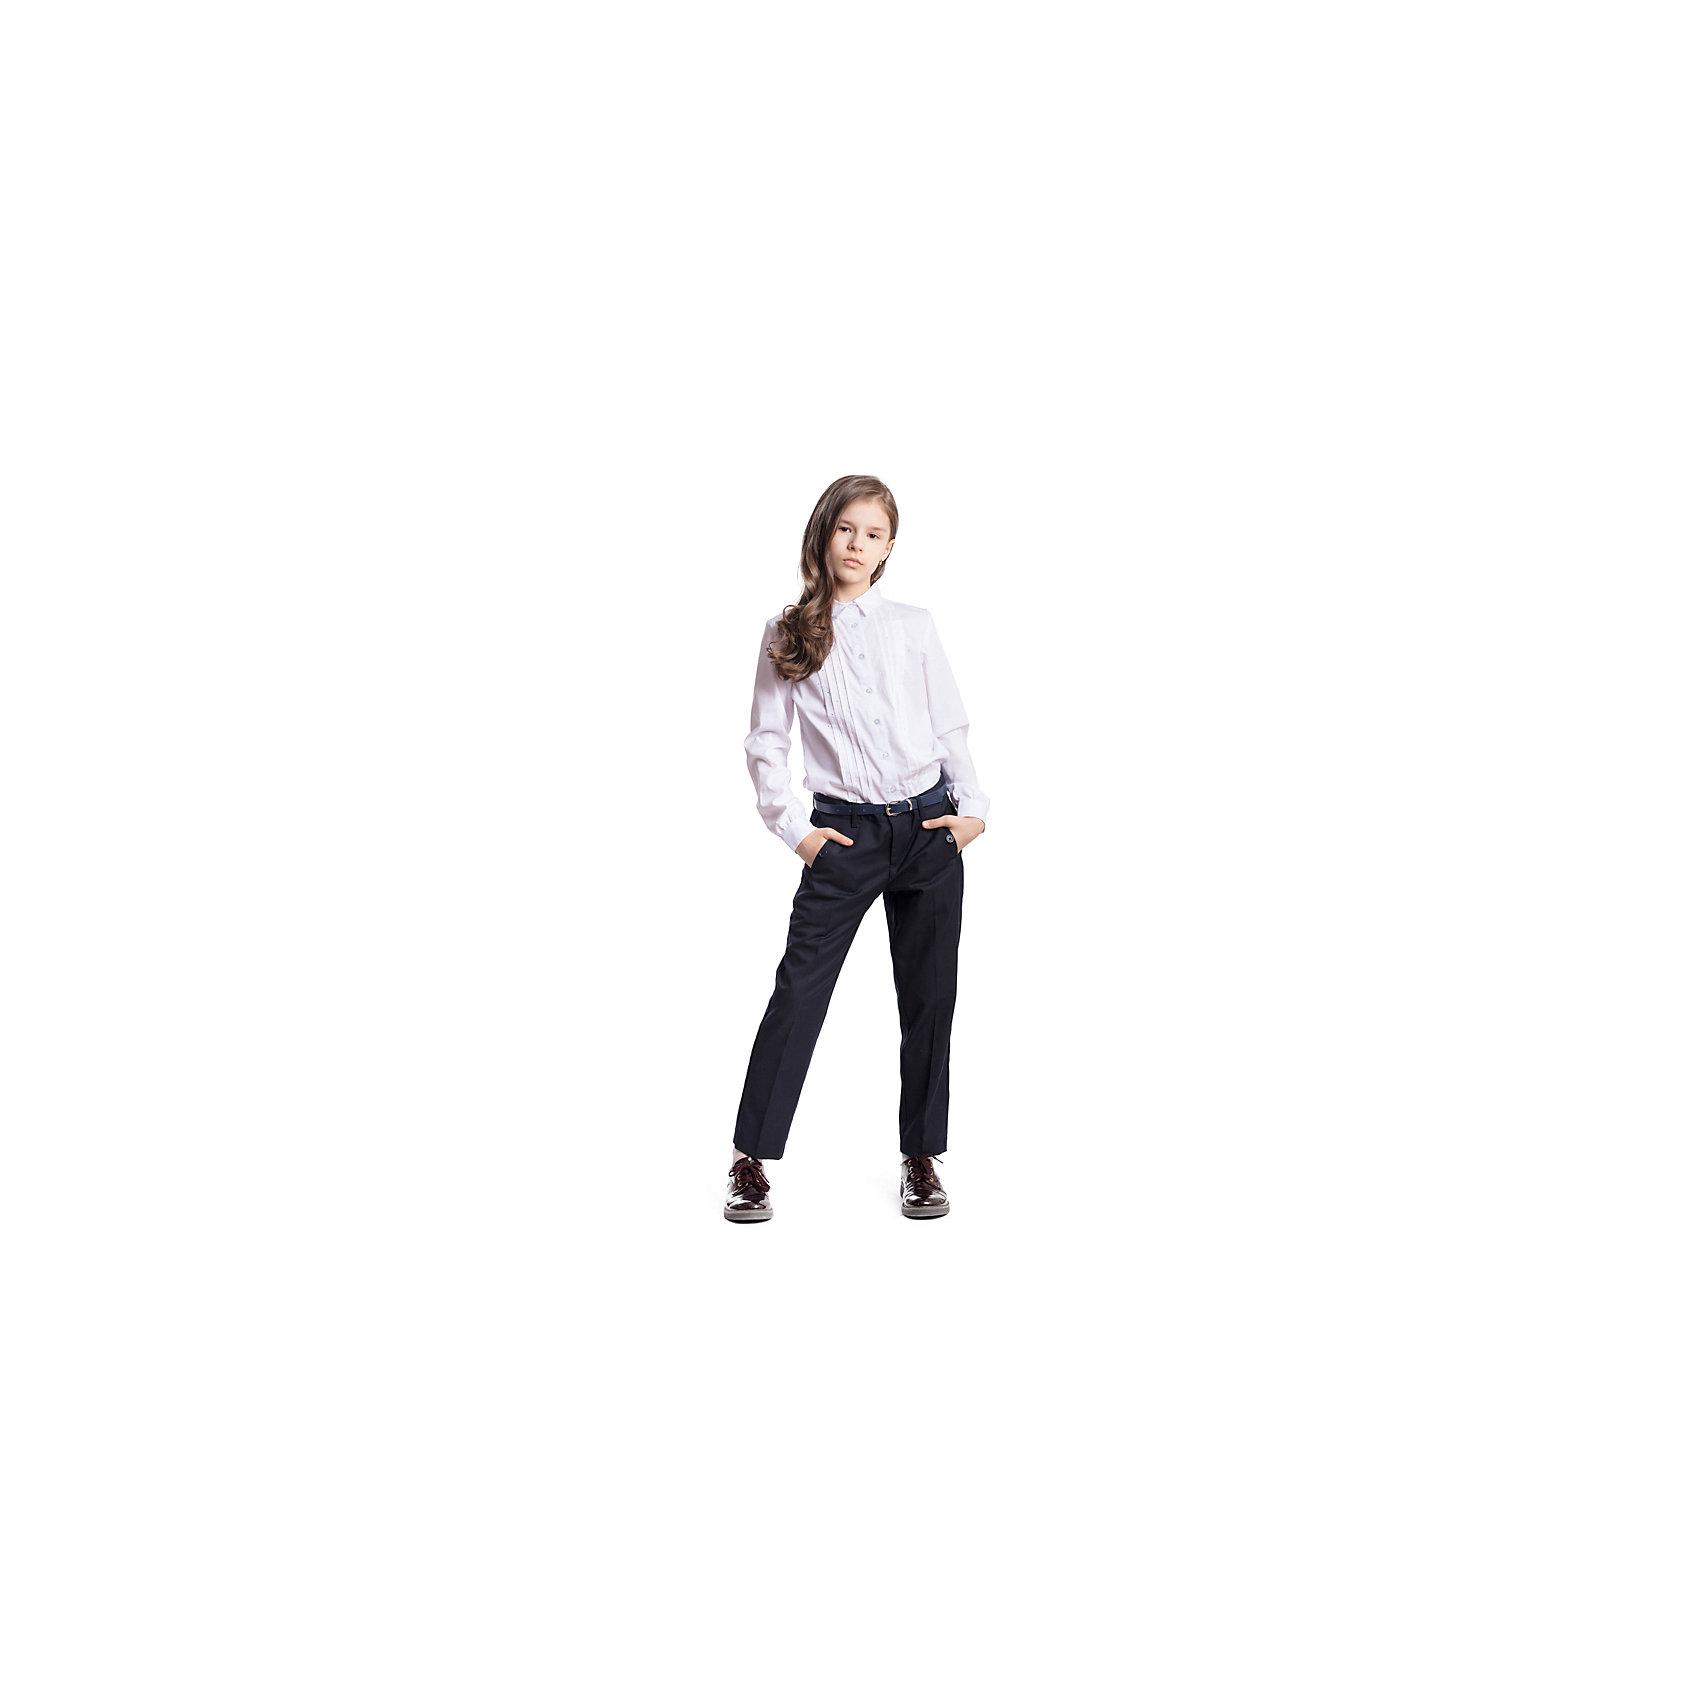 Брюки текстильные для девочки ScoolБрюки<br>Брюки текстильные для девочки Scool<br>Брюки - капри со стрелками в деловом стиле. При конструировании этой модели учитывались все детские физиологические особенности. По талии предусмотрена регулировка за счет удобной резинки на пуговицах.Преимущества: Модель со шлевками при необходимости можно использовать ременьБрюки с вшивными карманами на пуговицах<br>Состав:<br>65% полиэстер, 35% вискоза<br><br>Ширина мм: 215<br>Глубина мм: 88<br>Высота мм: 191<br>Вес г: 336<br>Цвет: темно-синий<br>Возраст от месяцев: 72<br>Возраст до месяцев: 84<br>Пол: Женский<br>Возраст: Детский<br>Размер: 134,140,146,152,158,122,164,128<br>SKU: 6754755